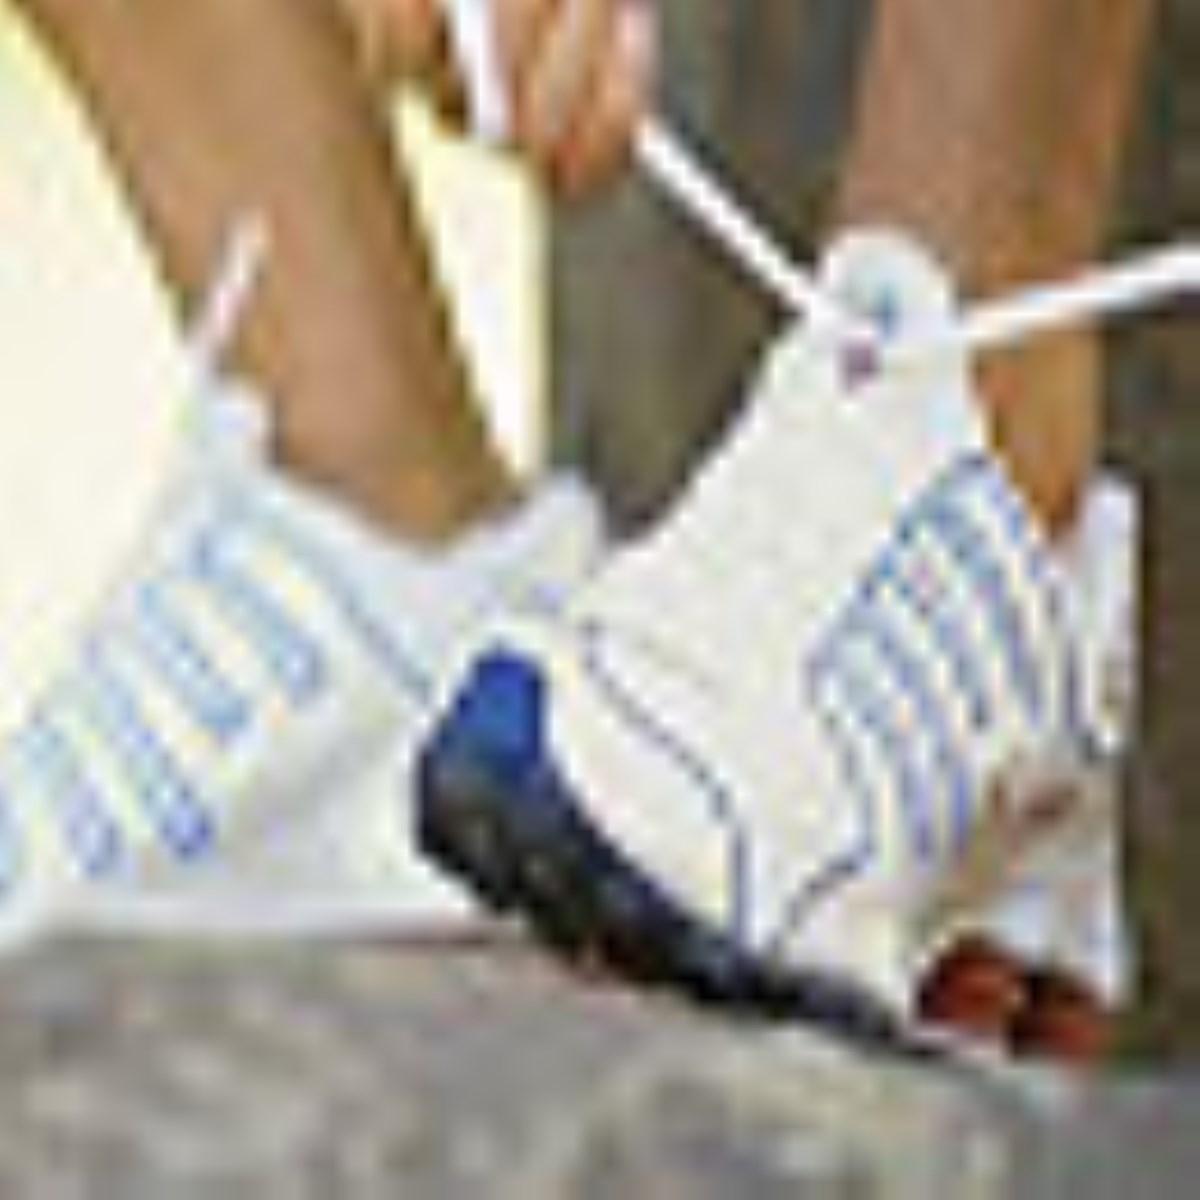 ورزش دردهای ناشی از التهاب مفصلی ( آرتریت ) را کاهش میدهد